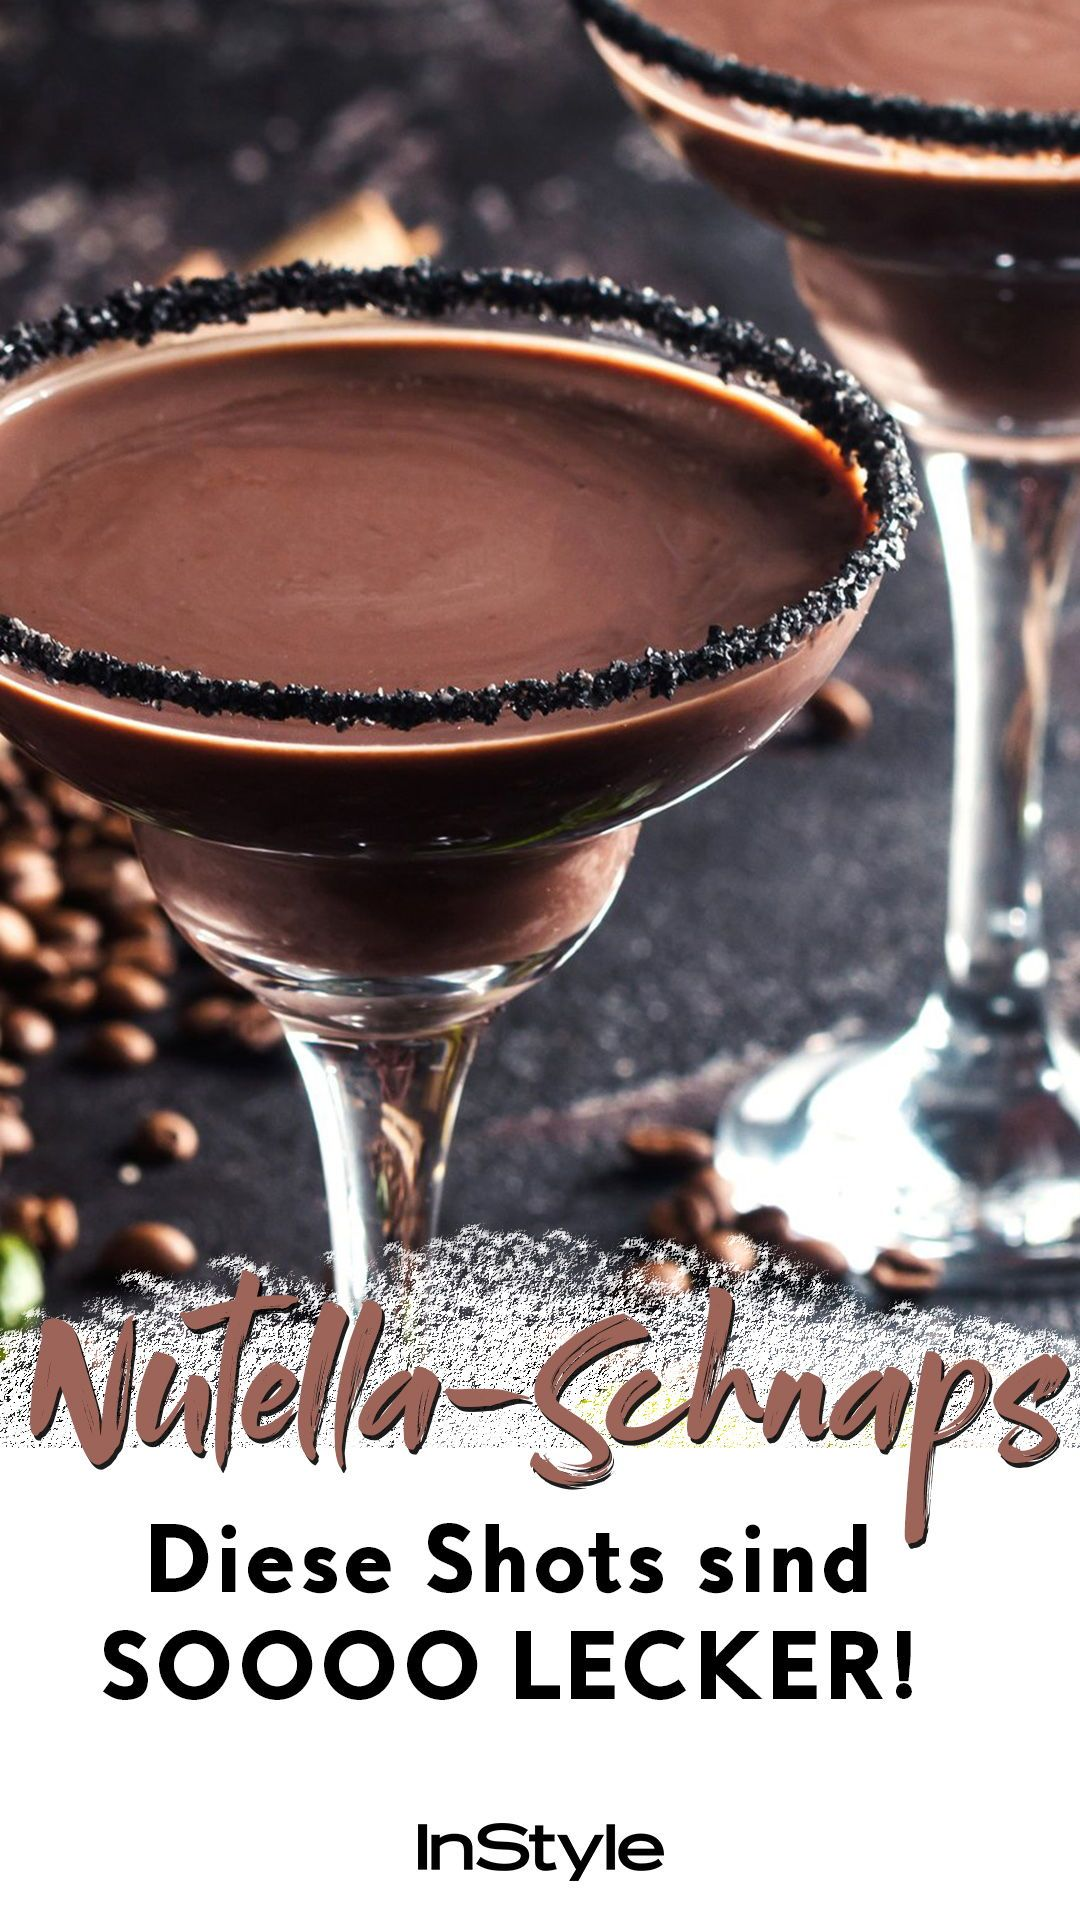 Genial: Nutella-Schnaps gibt's wirklich – das Rezept zum Selbermachen hier! #nonalcoholicbeverages